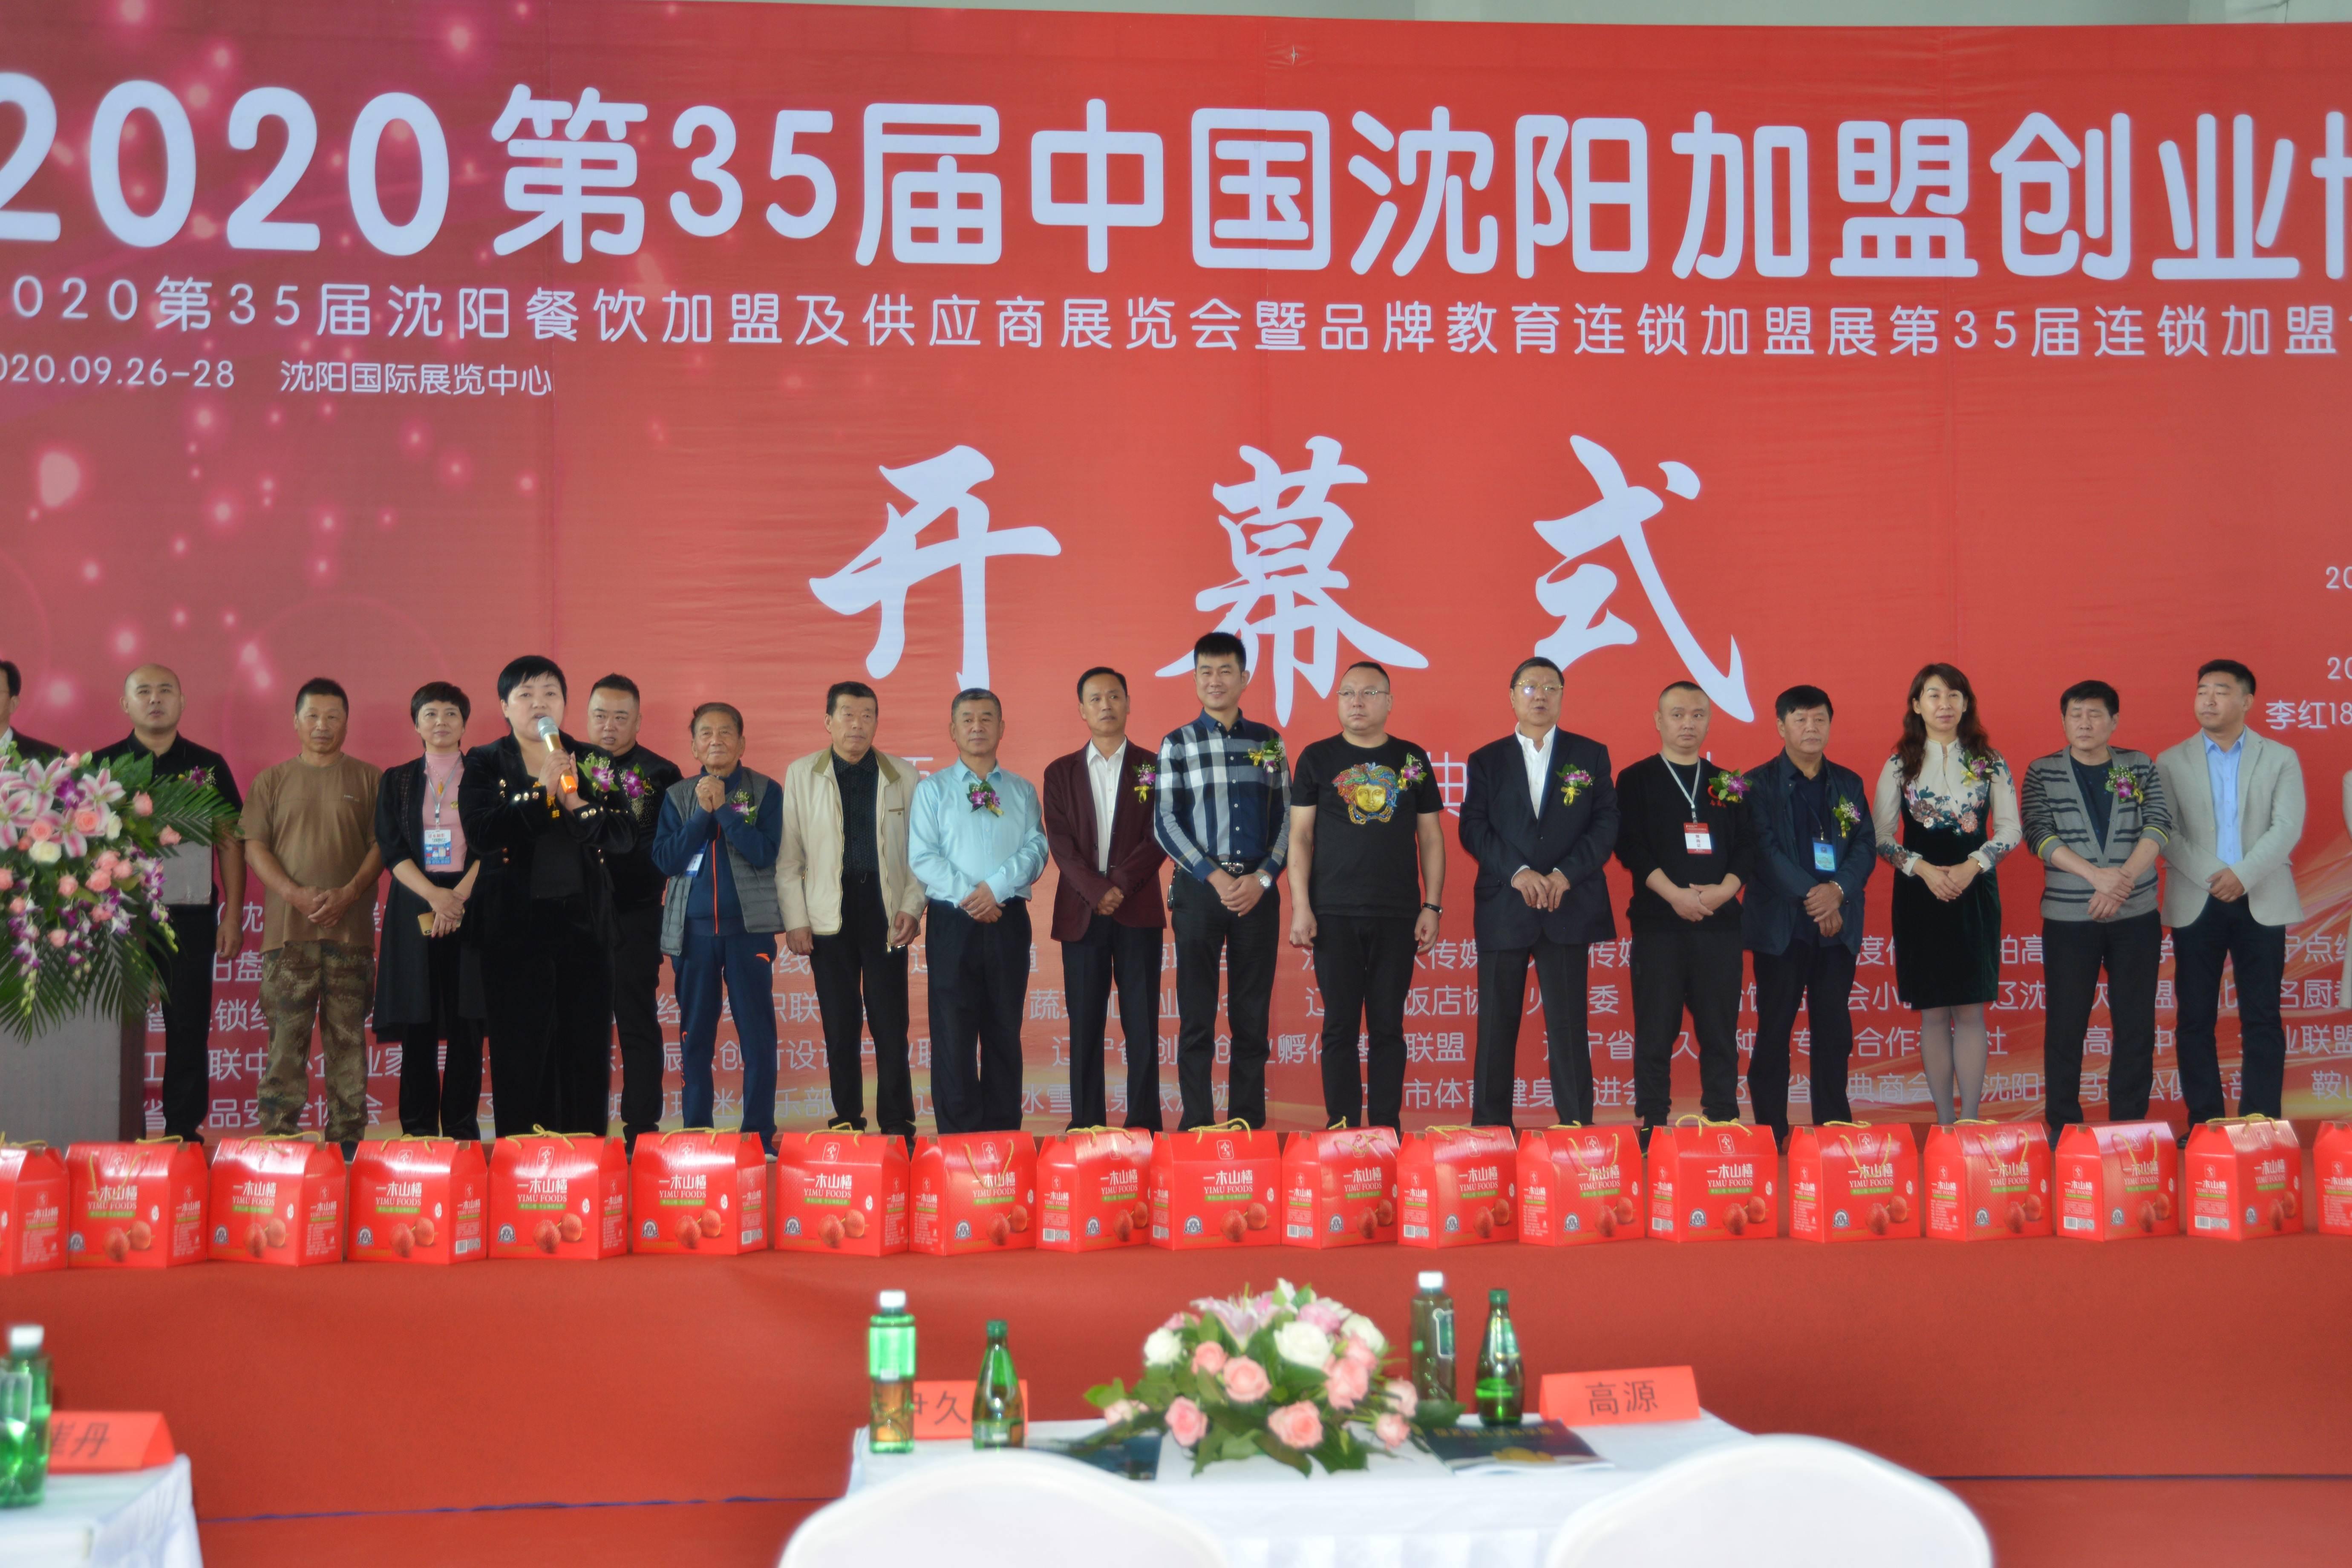 第37届沈阳加盟创业博览会暨餐饮食材展览会,10月30日将在会展中心开幕